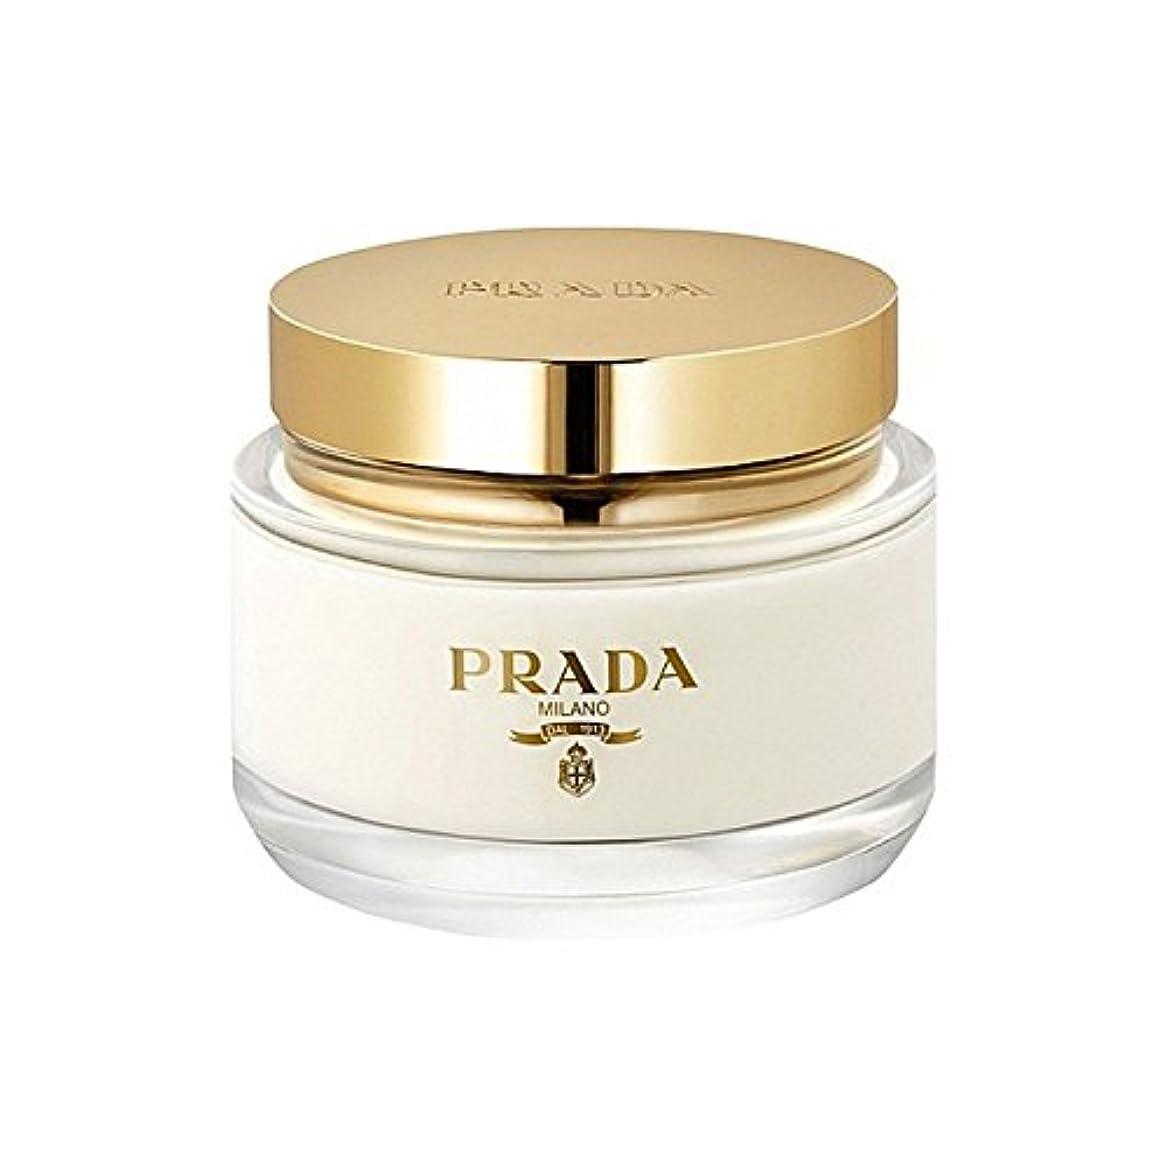 年金独立した立ち寄るプラダラファムボディクリーム200ミリリットル x2 - Prada La Femme Body Cream 200ml (Pack of 2) [並行輸入品]